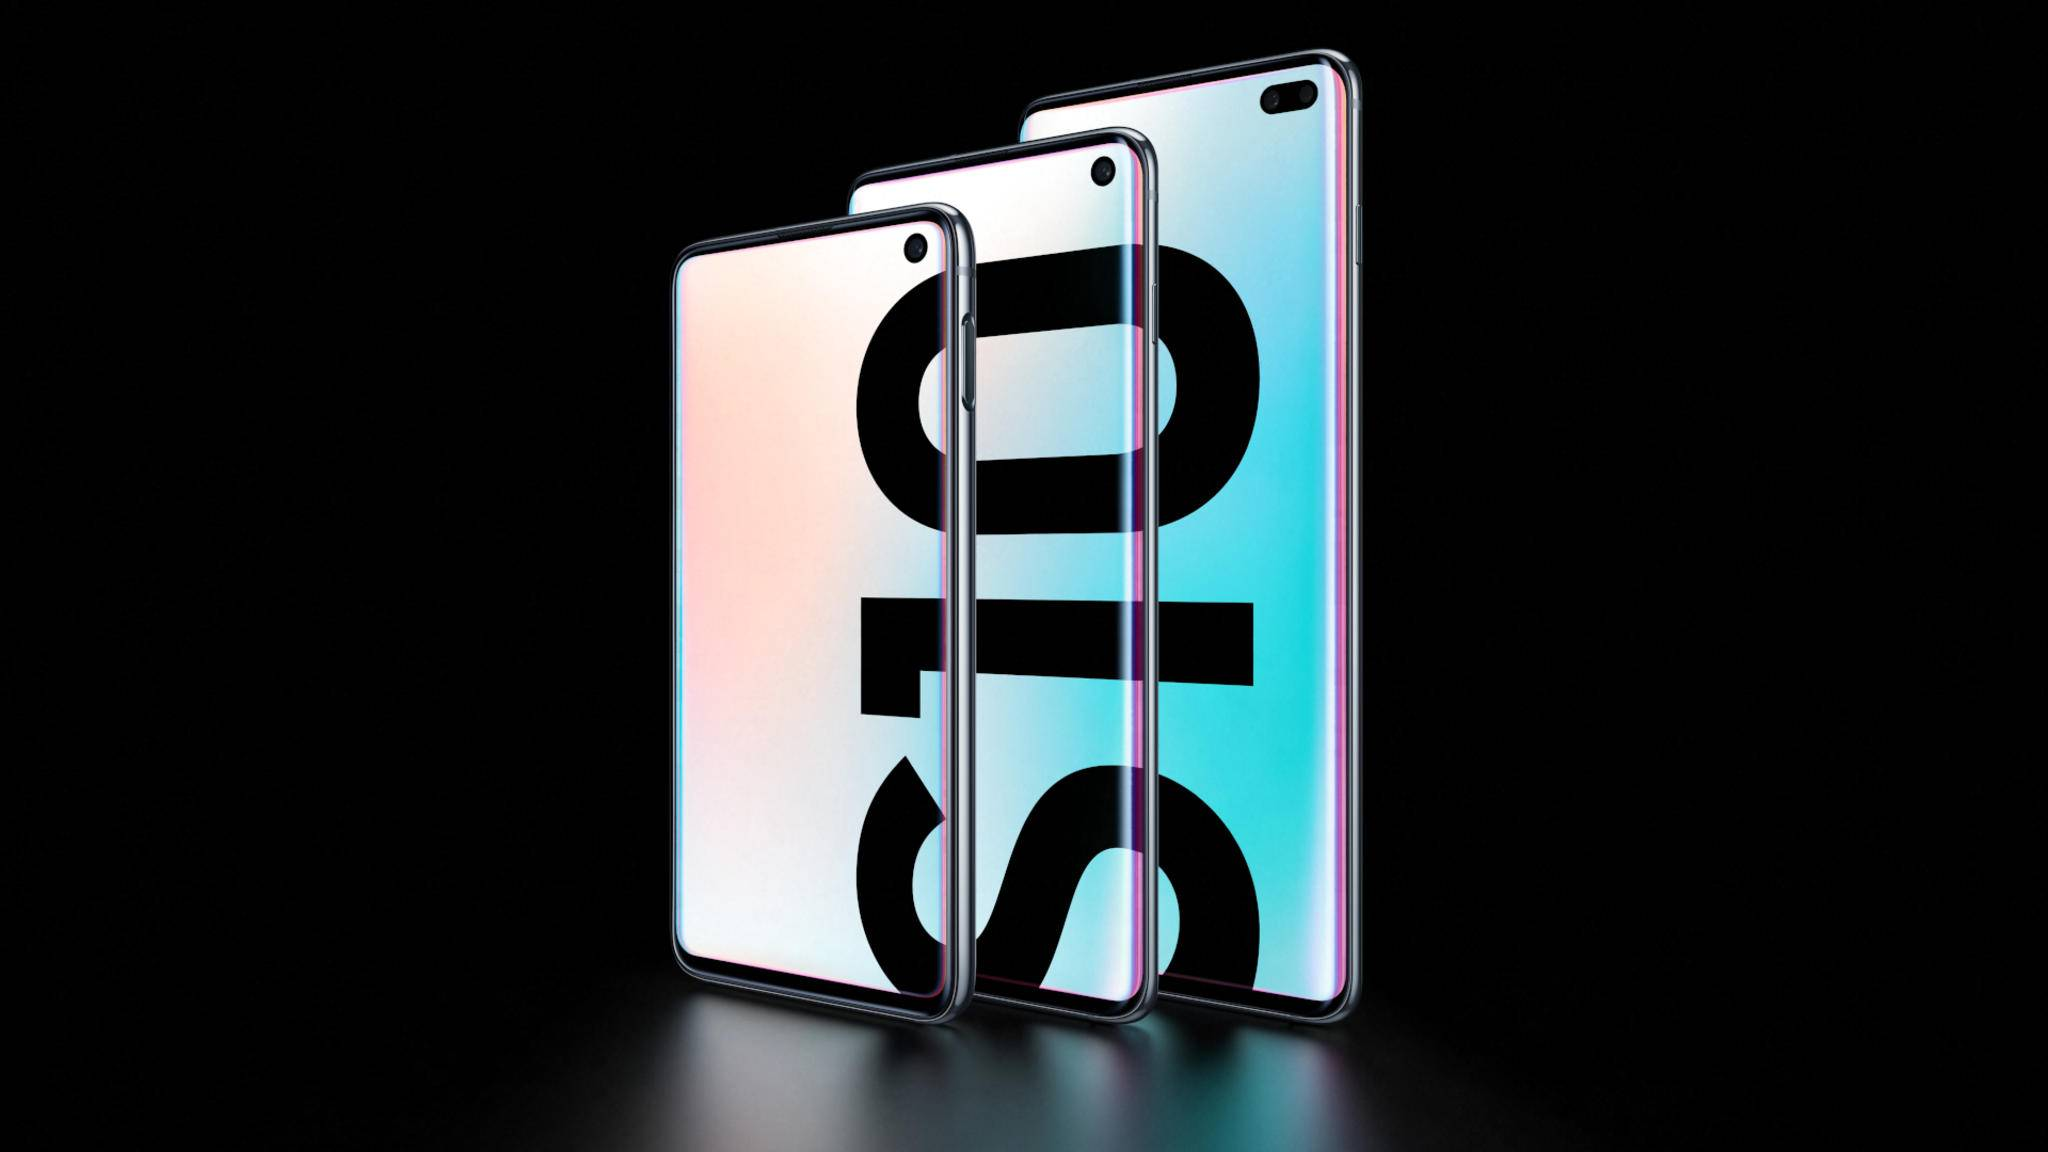 Das Samsung Galaxy S10 ist endlich da. Ob sich ein Upgrade vom S9 für Dich lohnt, erfährst Du hier.